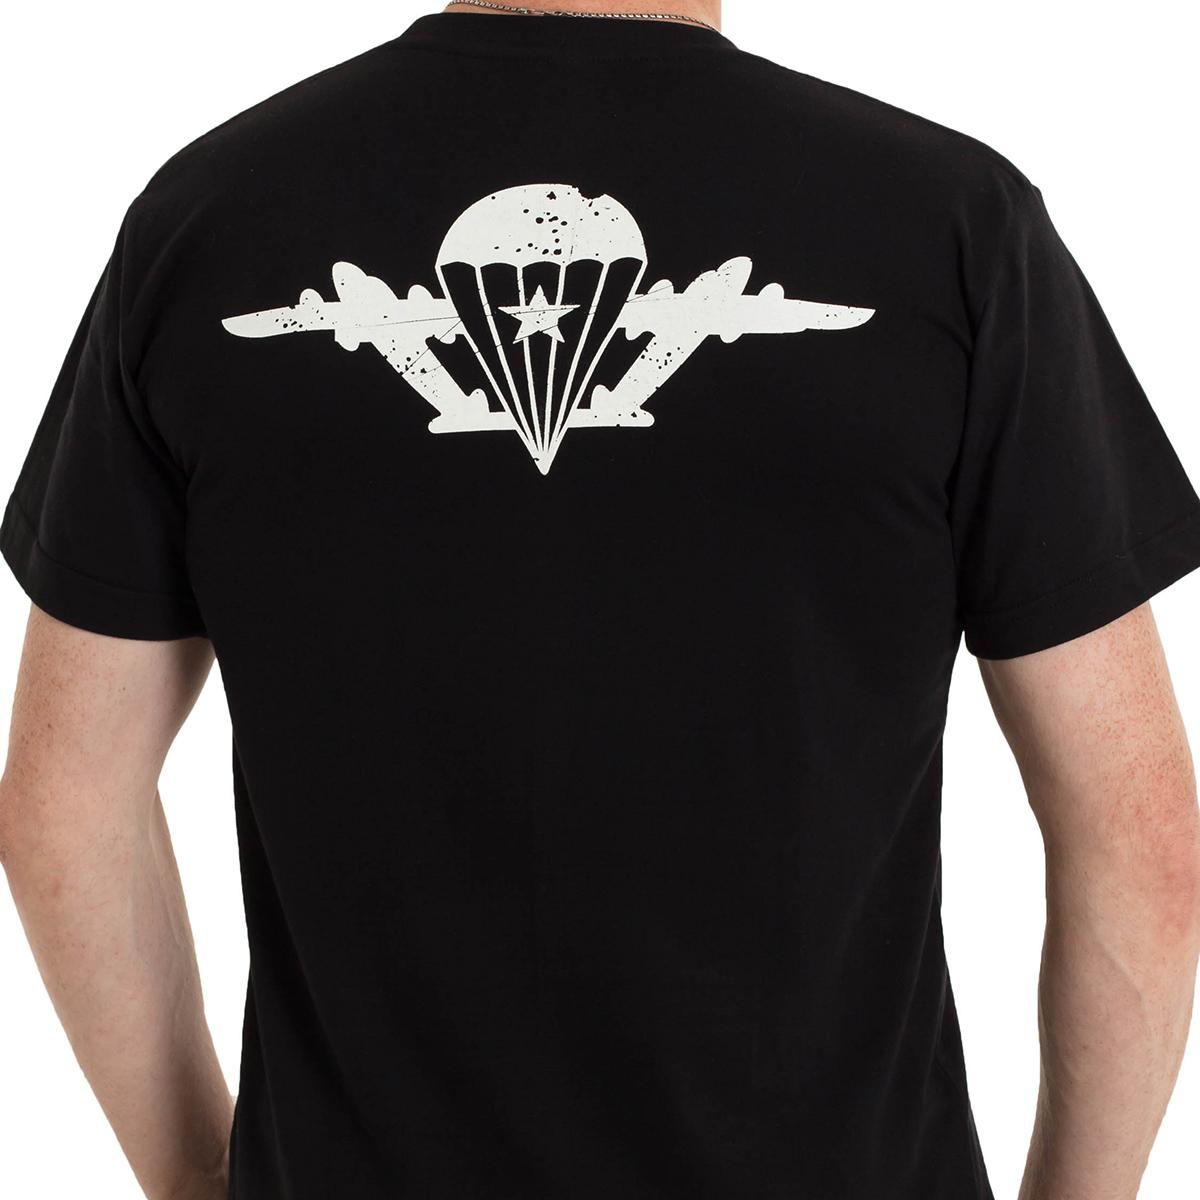 Футболка ВДВ «Крылья» - дополнение к снаряжению десантника